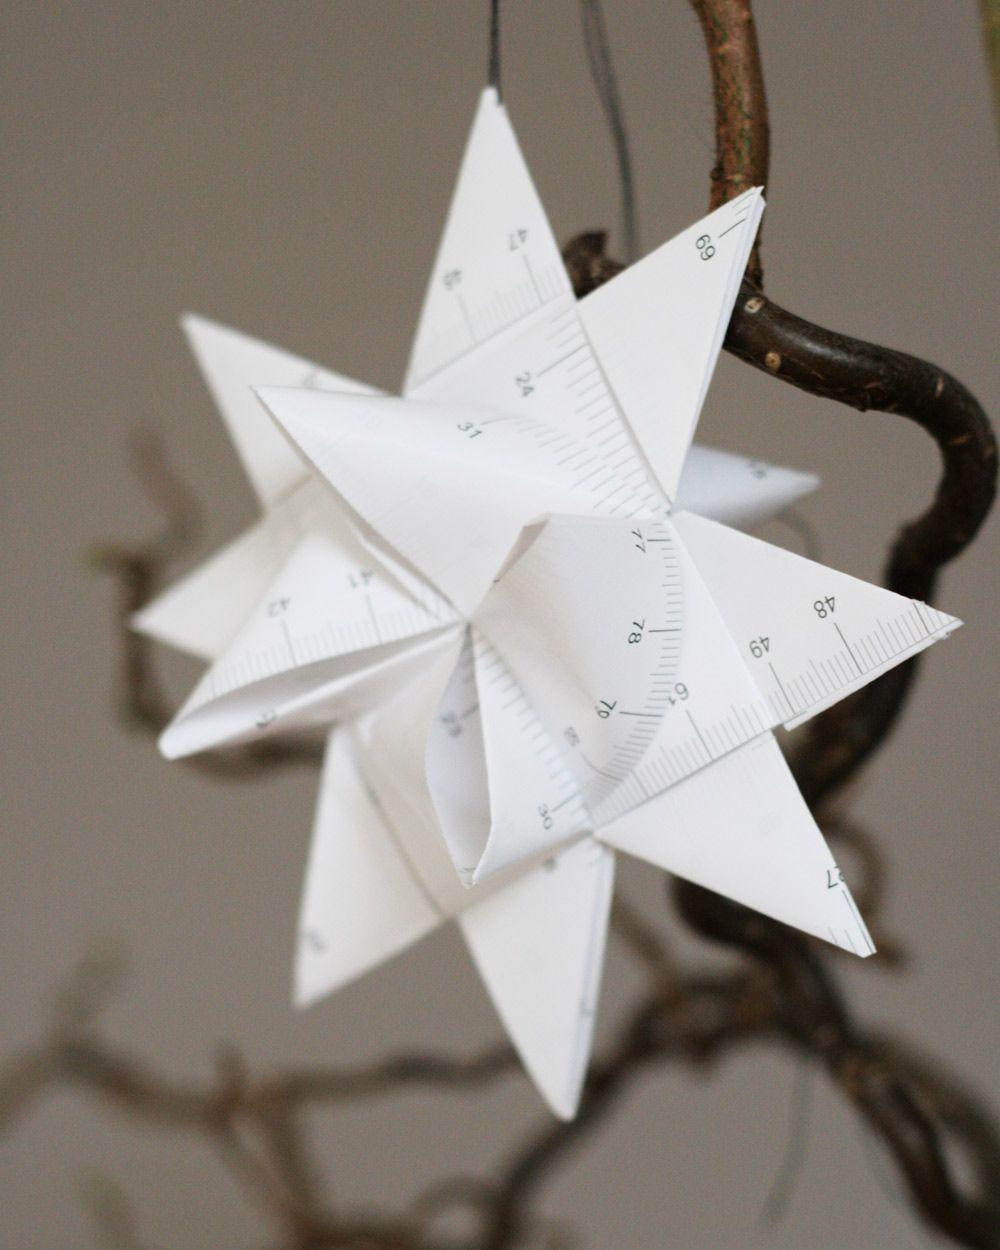 IKEA Maßband Hack - Upcycling in der Weihnachtszeit | M | Pinterest ...